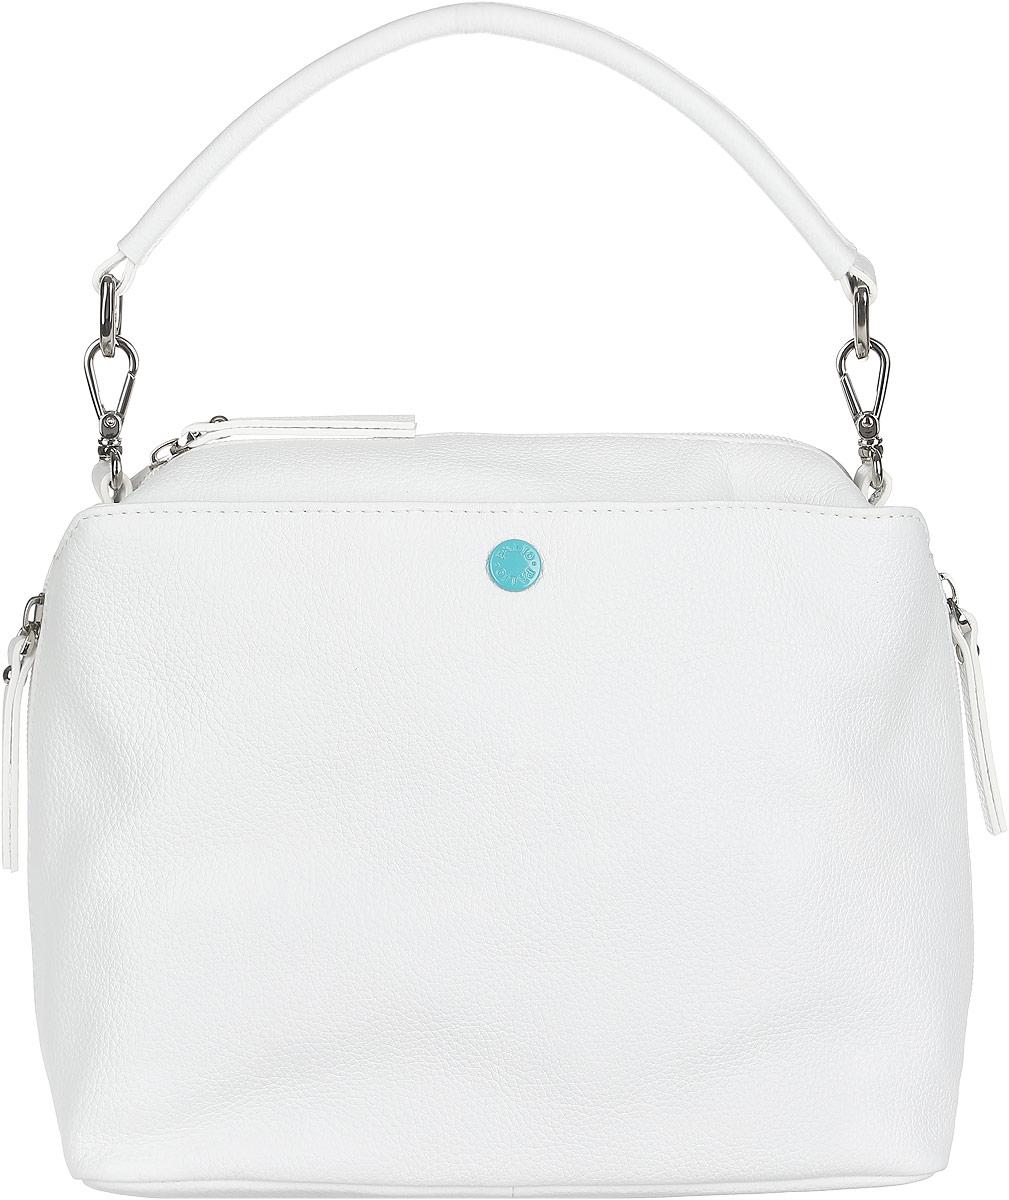 Сумка женская Palio, цвет: белый. 14422A-06514422A-065 whiteСтильная женская сумка Palio выполнена из натуральной кожи зернистой фактуры и оформлена металлической фурнитурой. Сумка не имеет жесткого каркаса и меняет свою форму соответственно наполнению. Изделие состоит из одного основного отделения, закрывающегося на пластиковую застежку-молнию. Внутри расположены врезной карман на молнии и два накладных кармашка для мелочей и телефона. Лицевая сторона дополнена прорезным карманом, который закрывается на кнопку контрастного цвета с тиснением логотипа бренда. На тыльной стороне сумки расположен врезной карман на молнии. Предусмотрены дополнительные боковые кармашки на молниях. Сумка оснащена съемной ручкой для переноски в руке и съемным плечевым ремнем, регулируемым по длине. Прилагается фирменный текстильный чехол для хранения изделия. Оригинальный аксессуар позволит вам завершить образ и быть неотразимой.